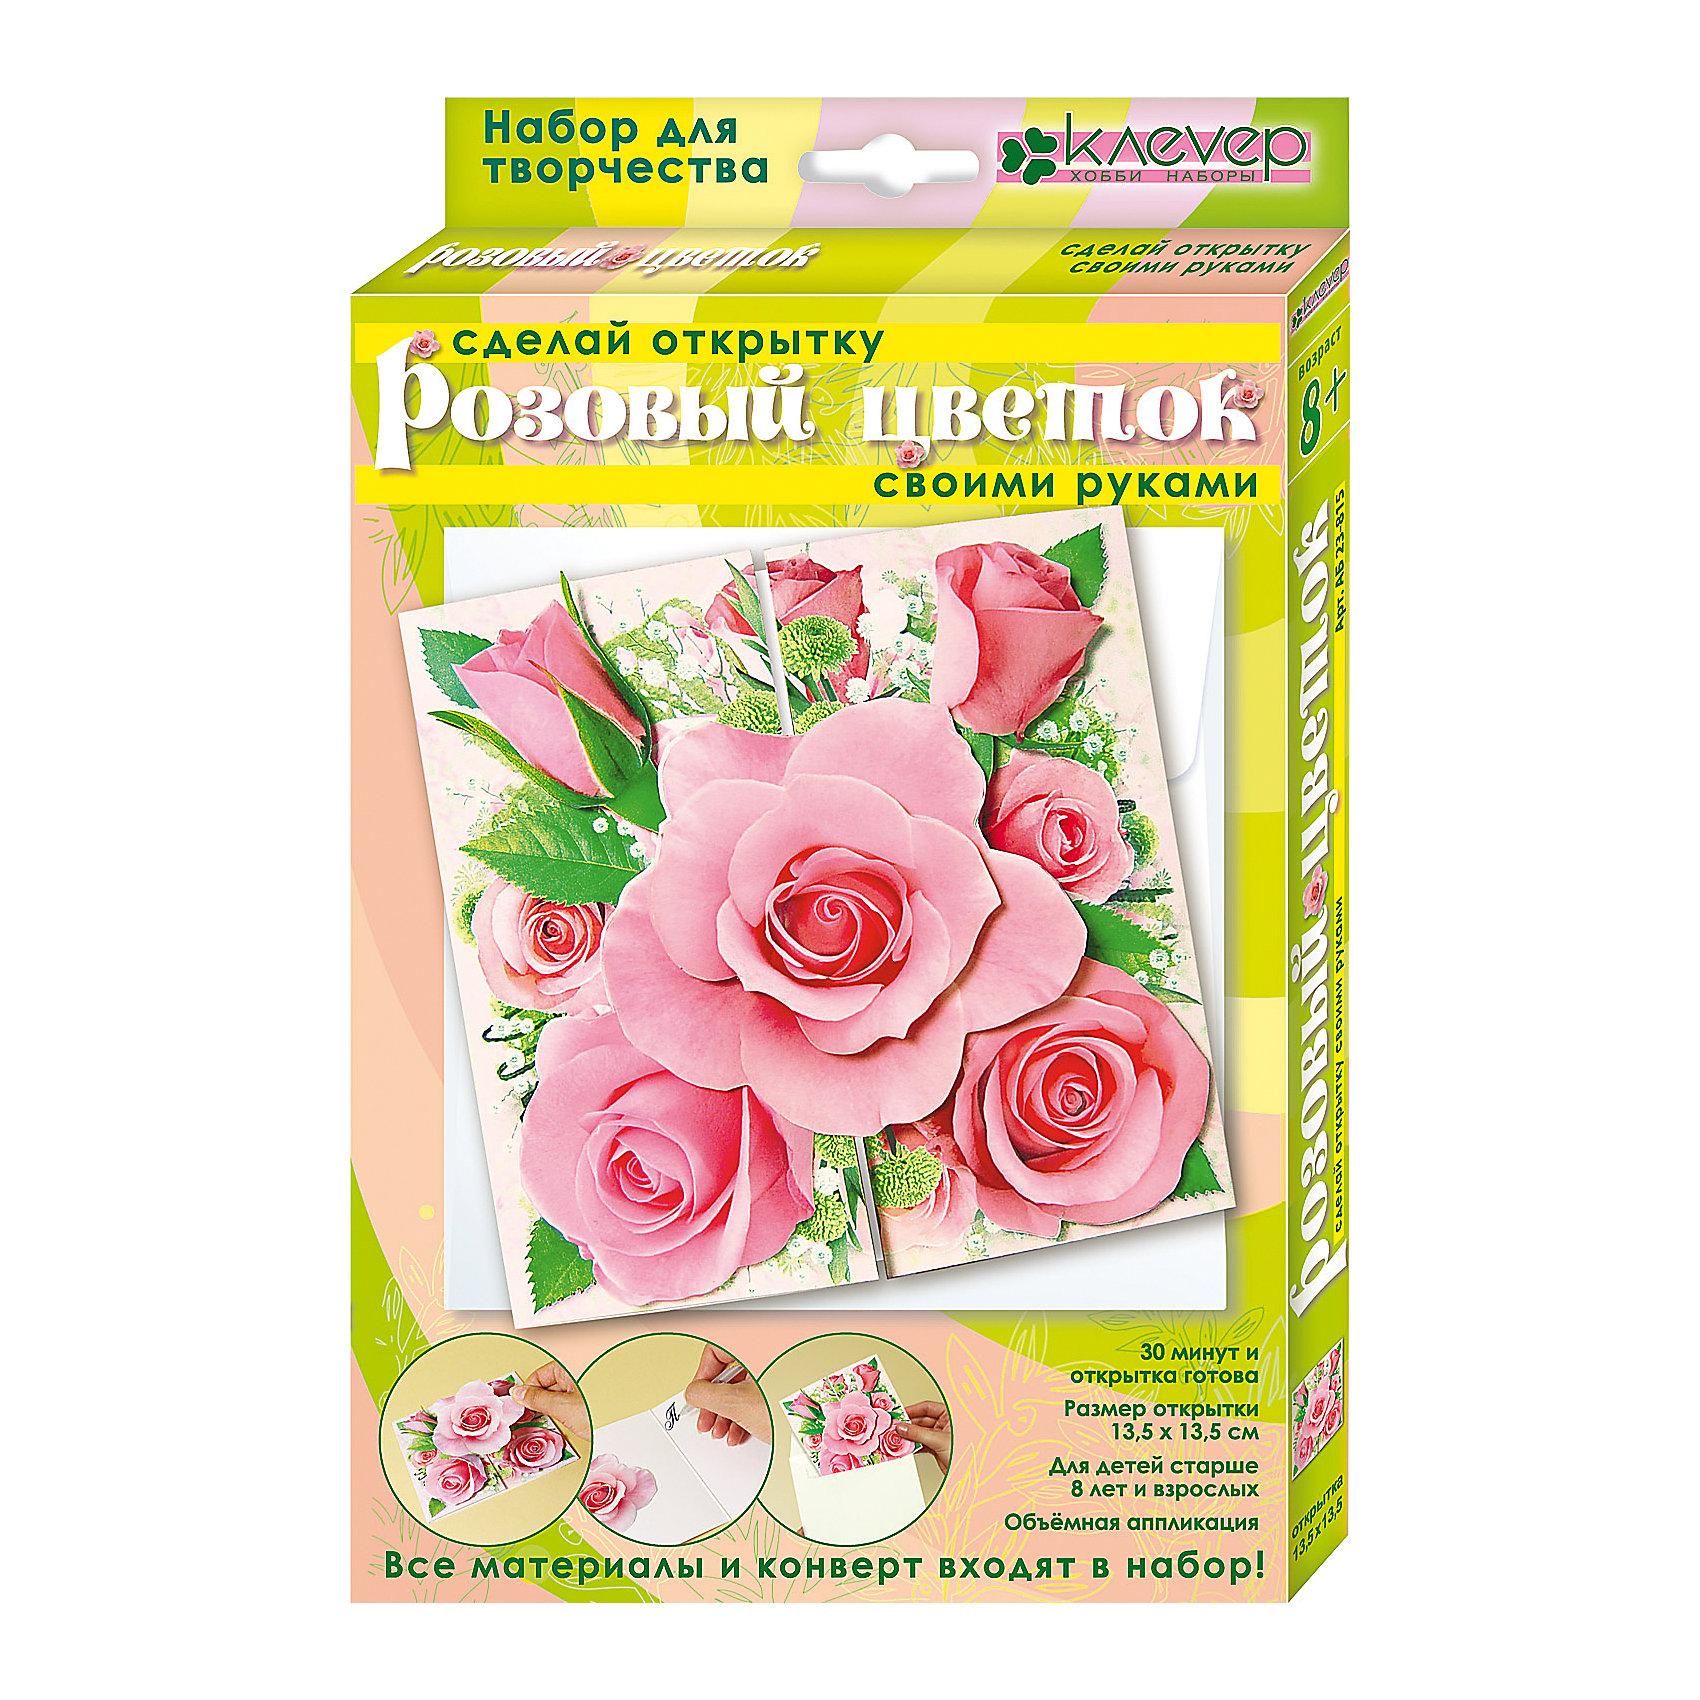 Набор для изготовления открытки Розовый цветоккомлект цветной тонкой и плотной бумаги, открытка, конверт, тонкий и объёмный двусторонний скотч, пошаговая инструкция с фото<br><br>Ширина мм: 141<br>Глубина мм: 216<br>Высота мм: 20<br>Вес г: 160<br>Возраст от месяцев: 96<br>Возраст до месяцев: 144<br>Пол: Унисекс<br>Возраст: Детский<br>SKU: 5541578